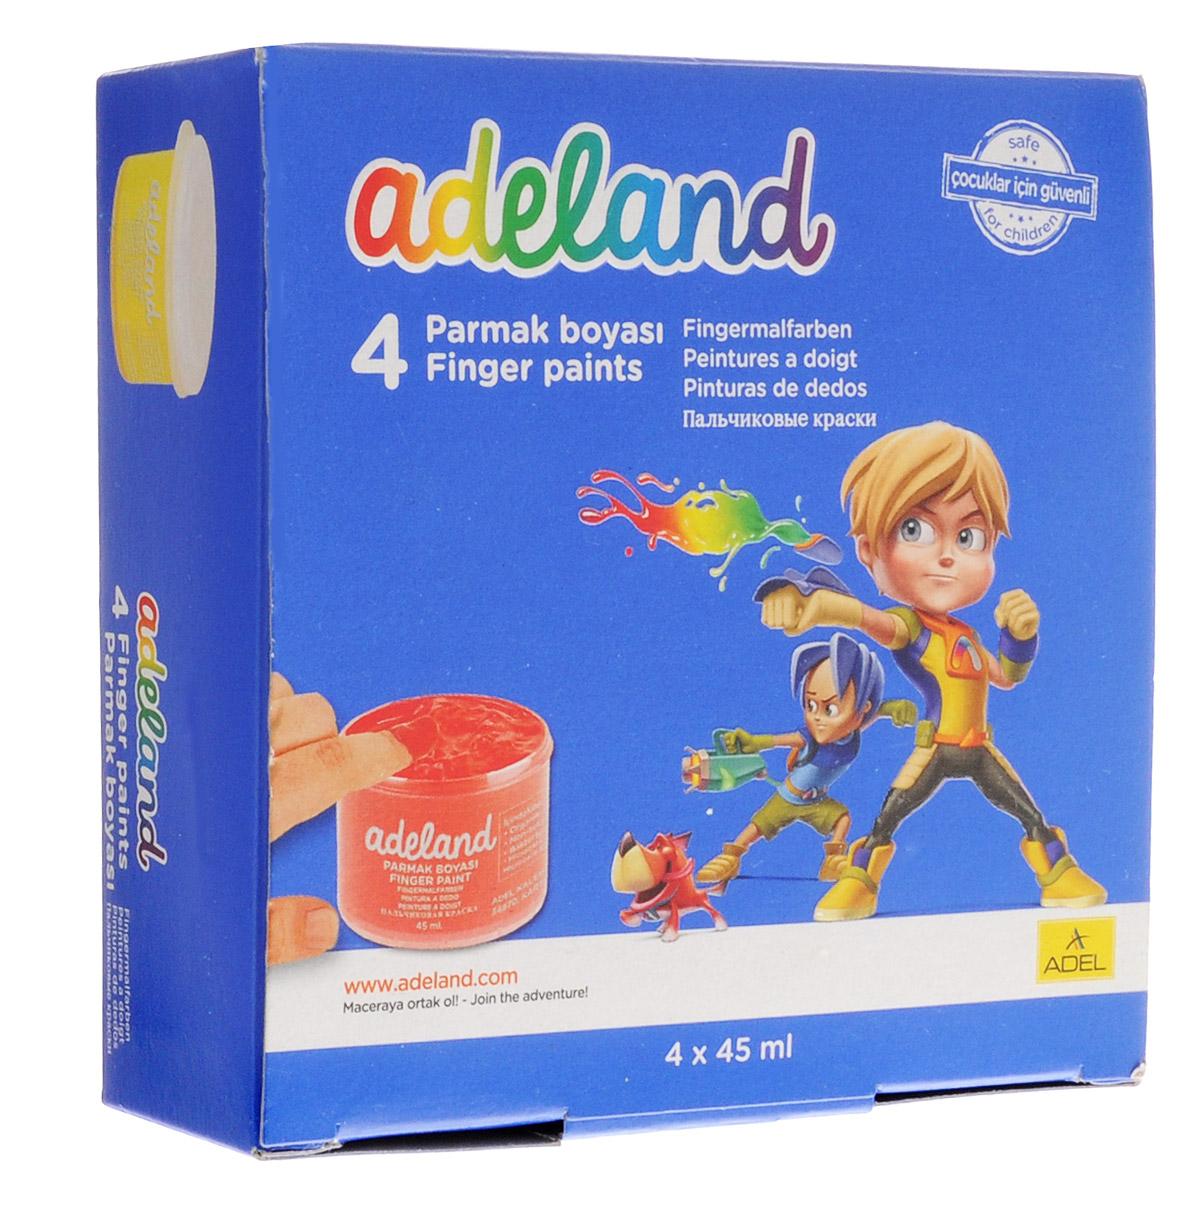 Adel Краски пальчиковые Adeland 4 цвета234-0630-100Водорастворимые яркие краски Adel Adeland предназначены для рисования пальцами, кисточкой или губкой на бумаге и картоне.Путемсмешивания красок может получится неограниченное количество тонов. Краски упакованы в картонную коробку и находятся в пластиковыхбаночках.В комплект входит 4 насыщенных цвета: желтый, красный, синий, зеленый.